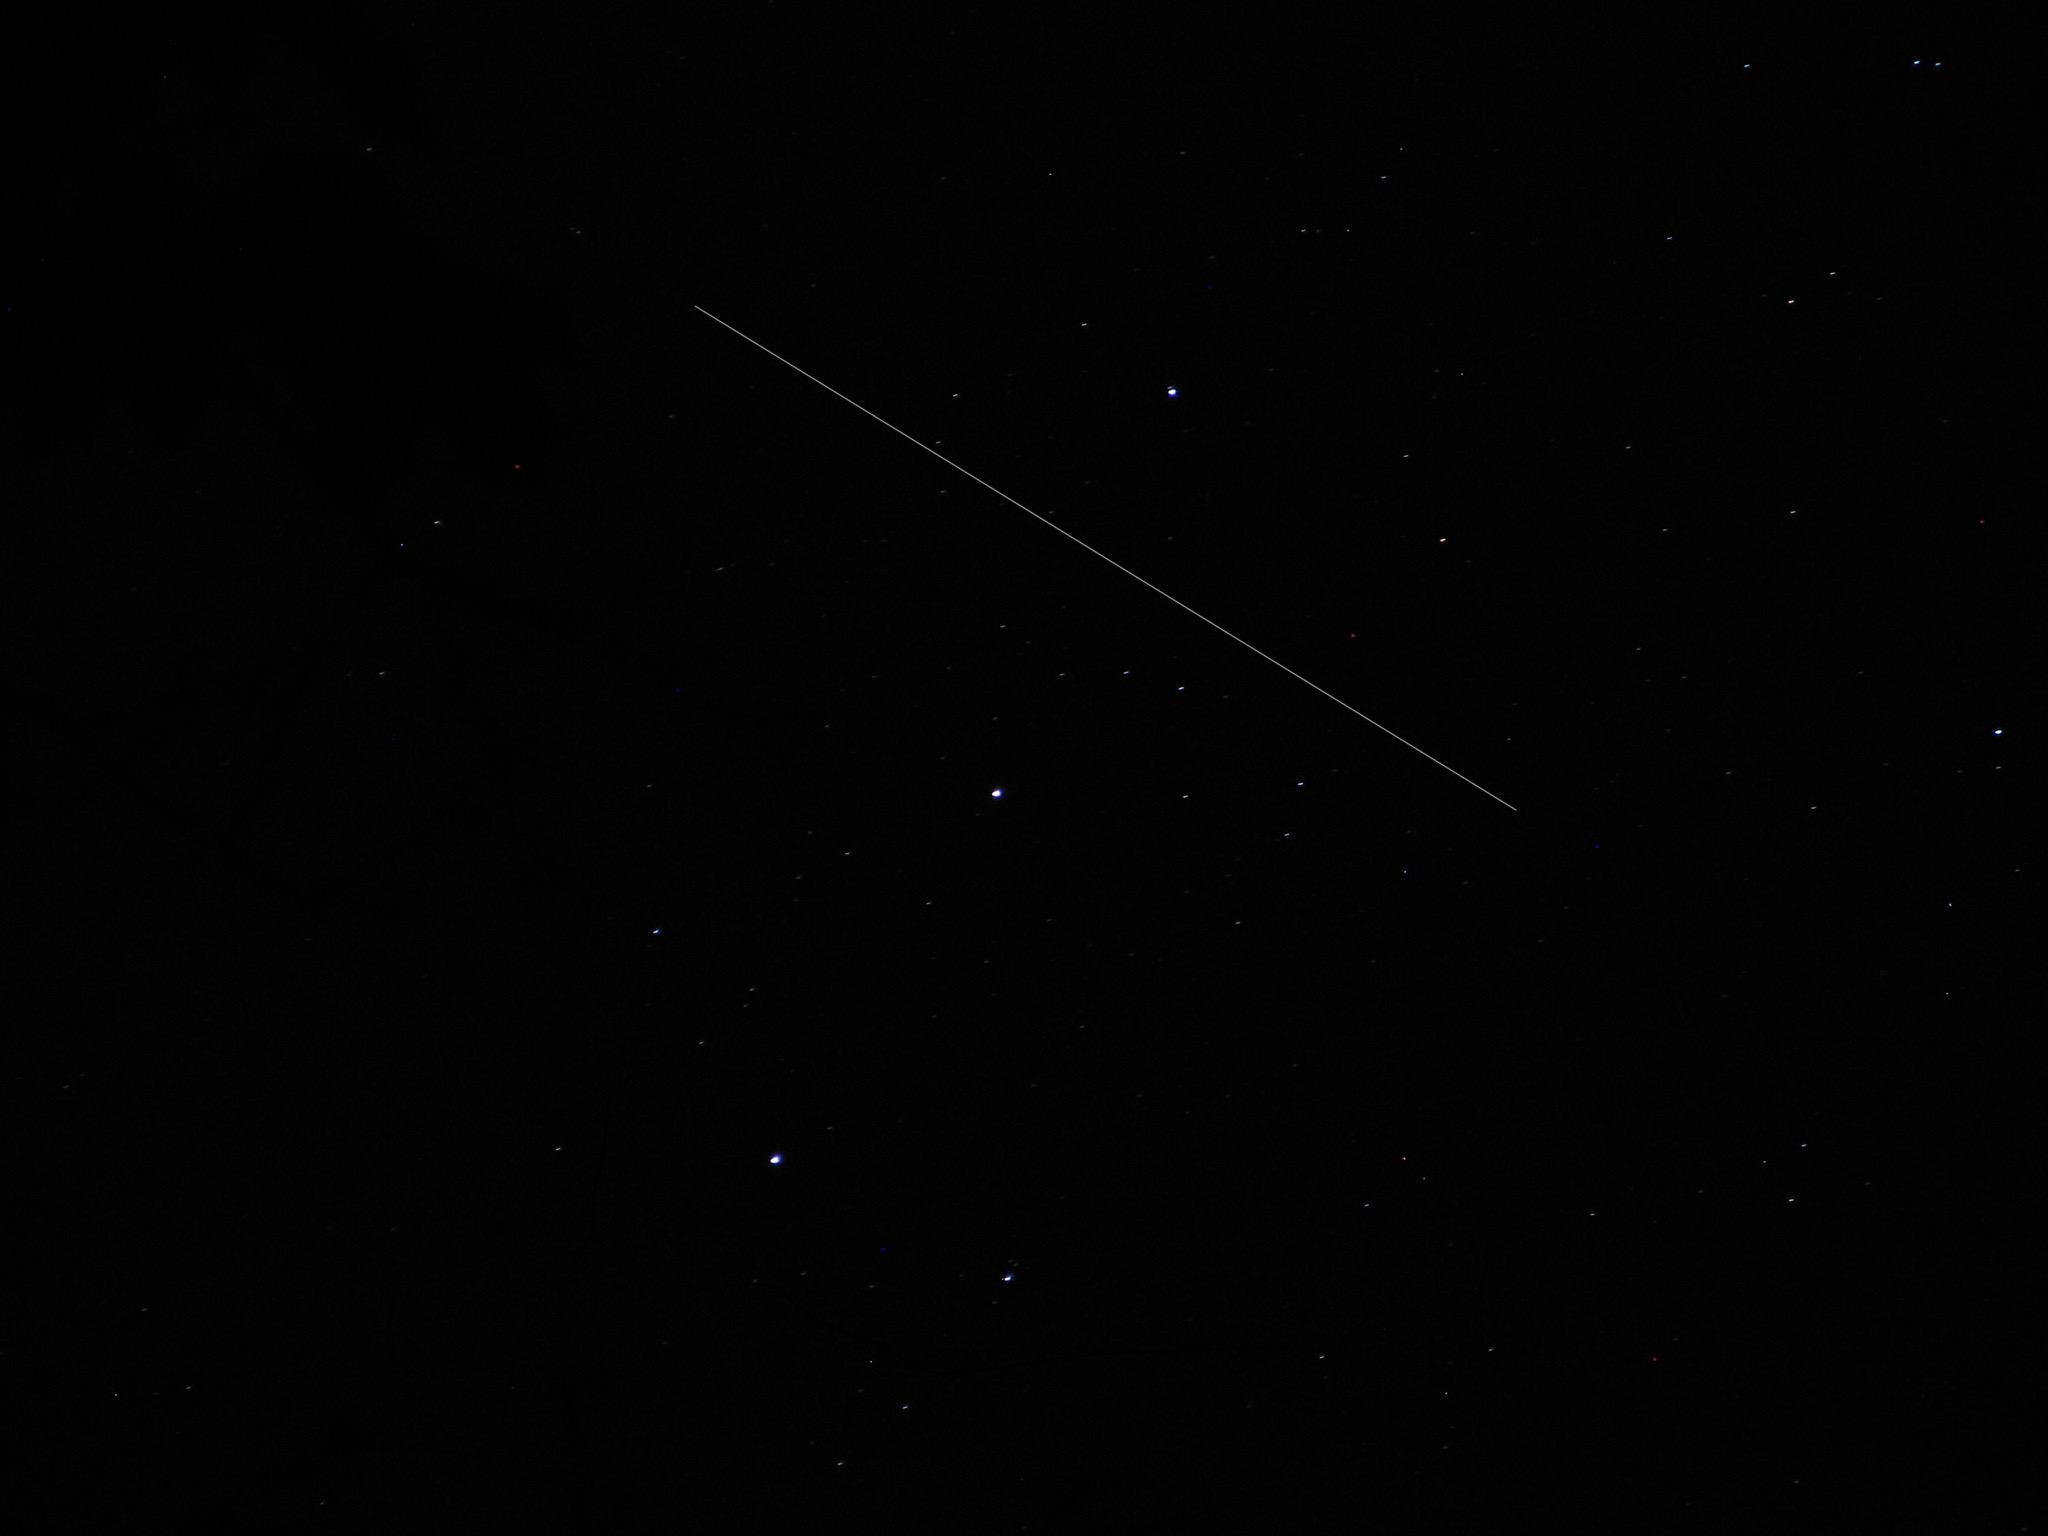 Stargazer Spies Space Station Streaking Through Orion's Belt (Photo)